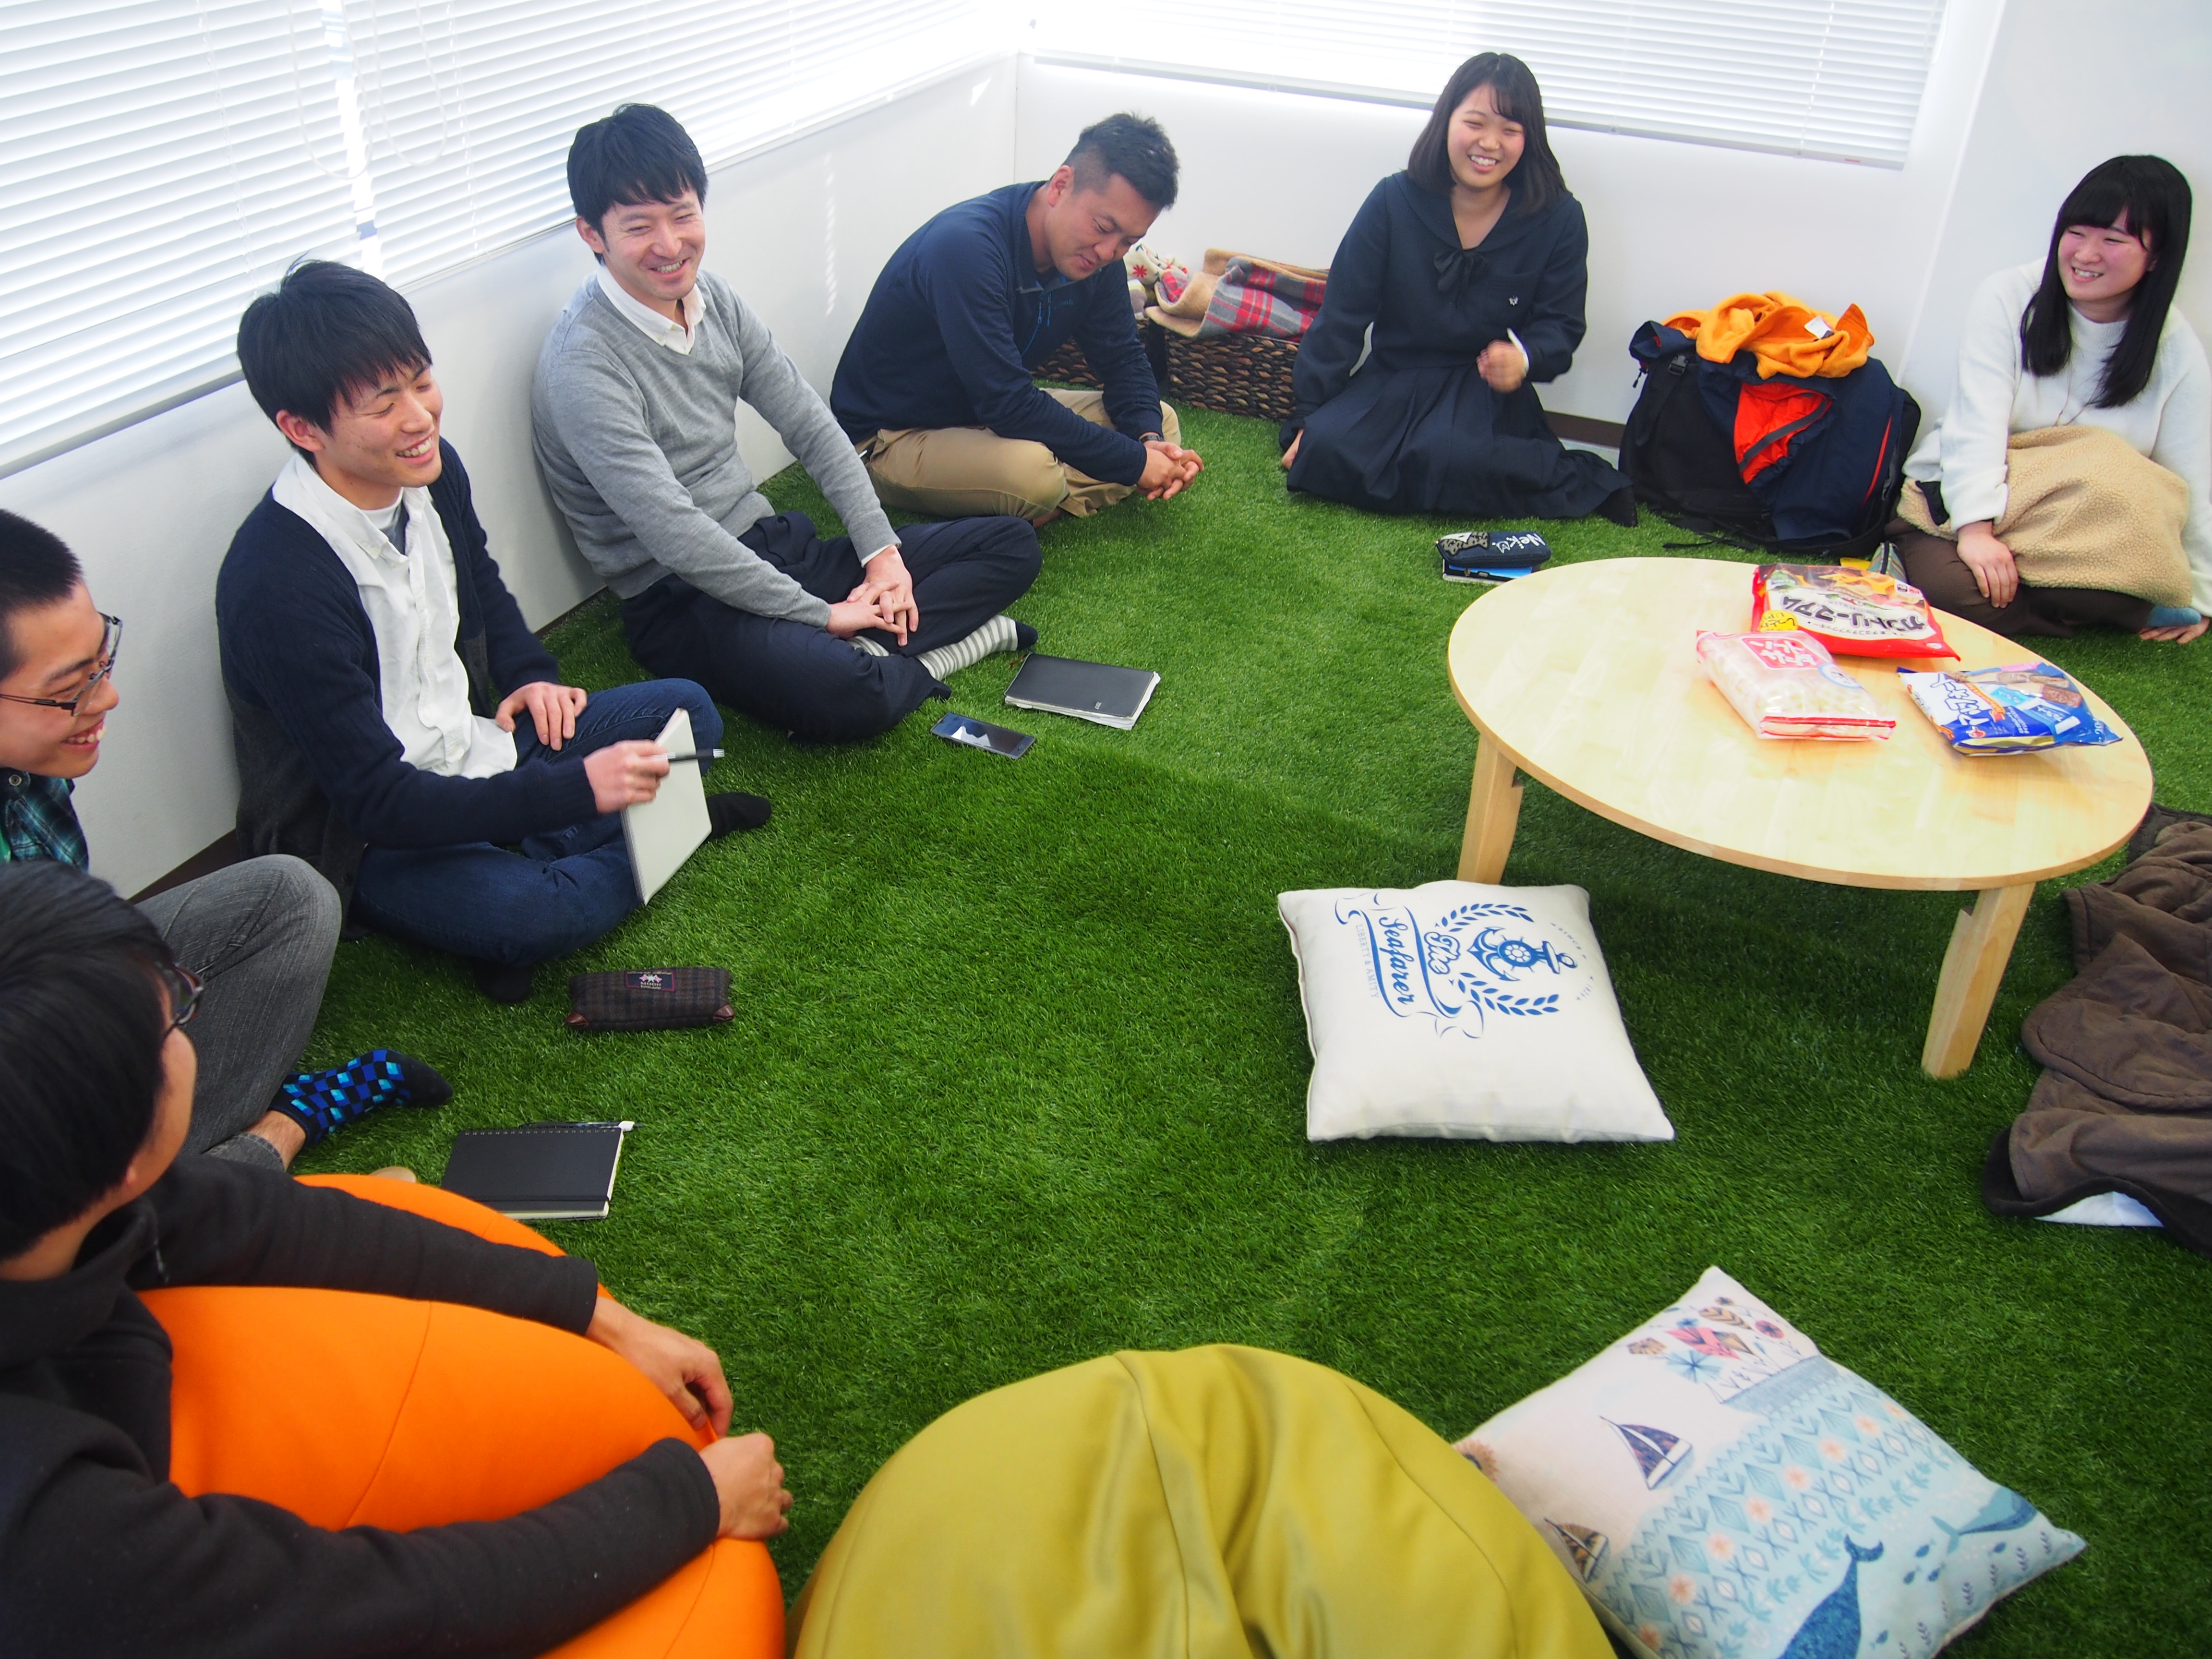 気仙沼の高校生マイプロジェクトアワード 中間報告会